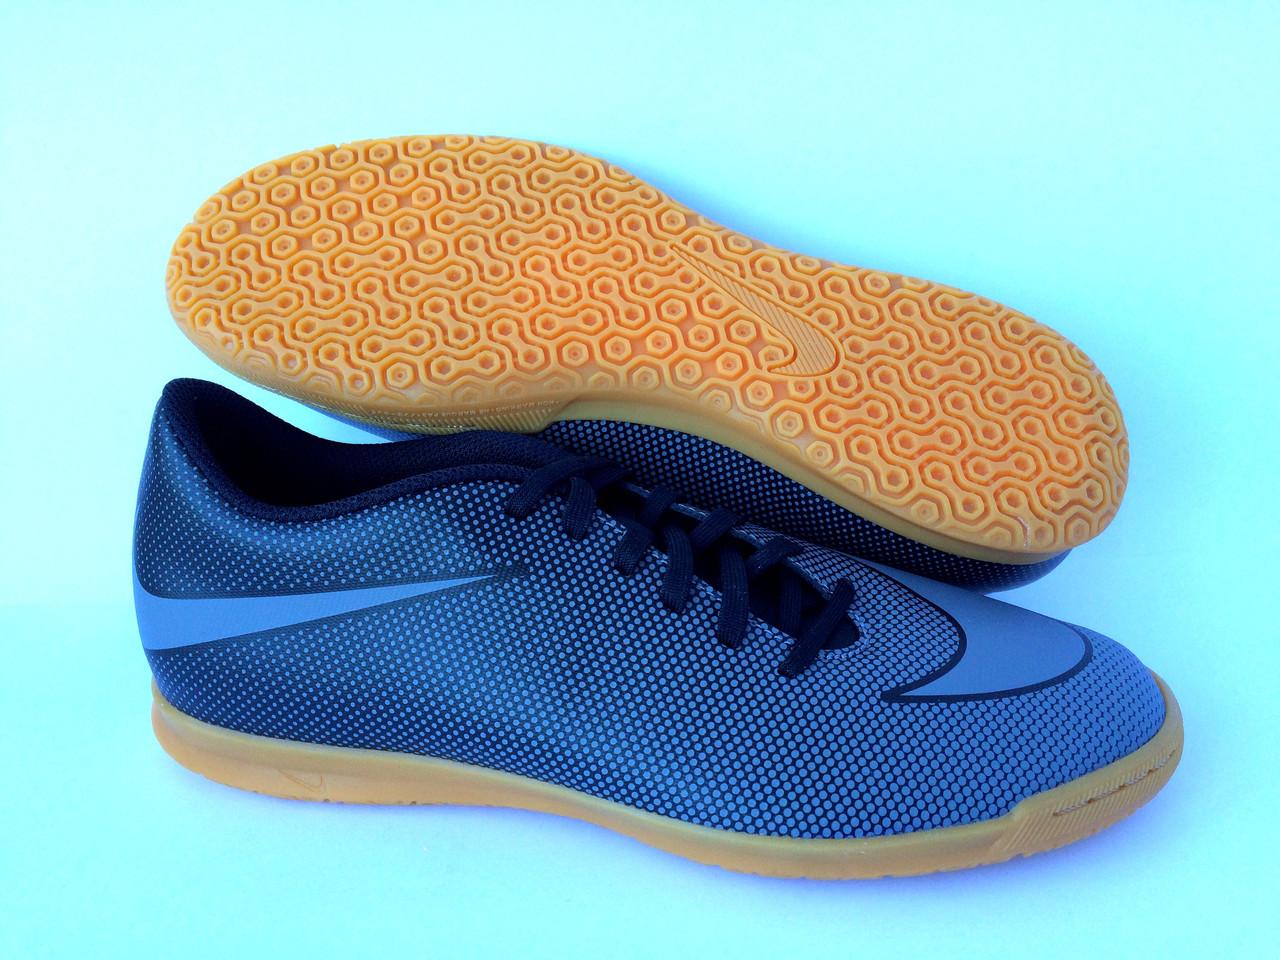 Мужские бампы Nike Mercurial Victory р-44  продажа, цена в Ивано ... d2bd6ef40f8